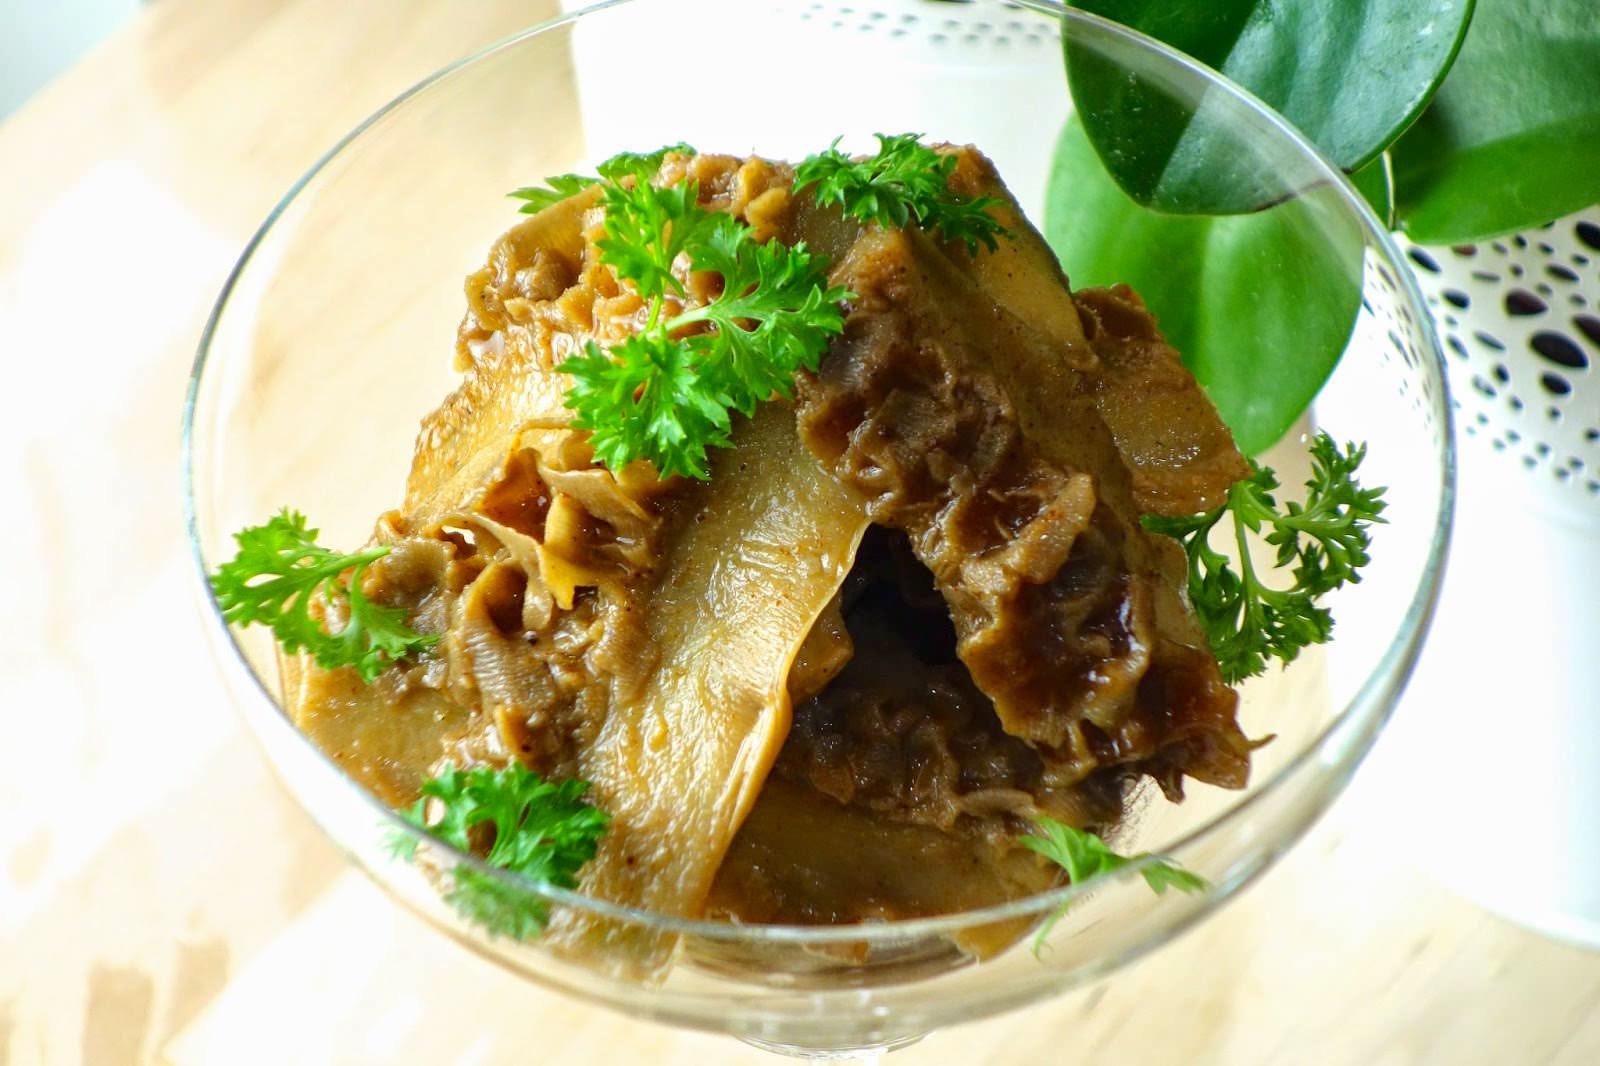 【冰箱剩菜變身料理】在家如何做川菜? 5 分鐘教你快速做麻辣金錢牛肚!